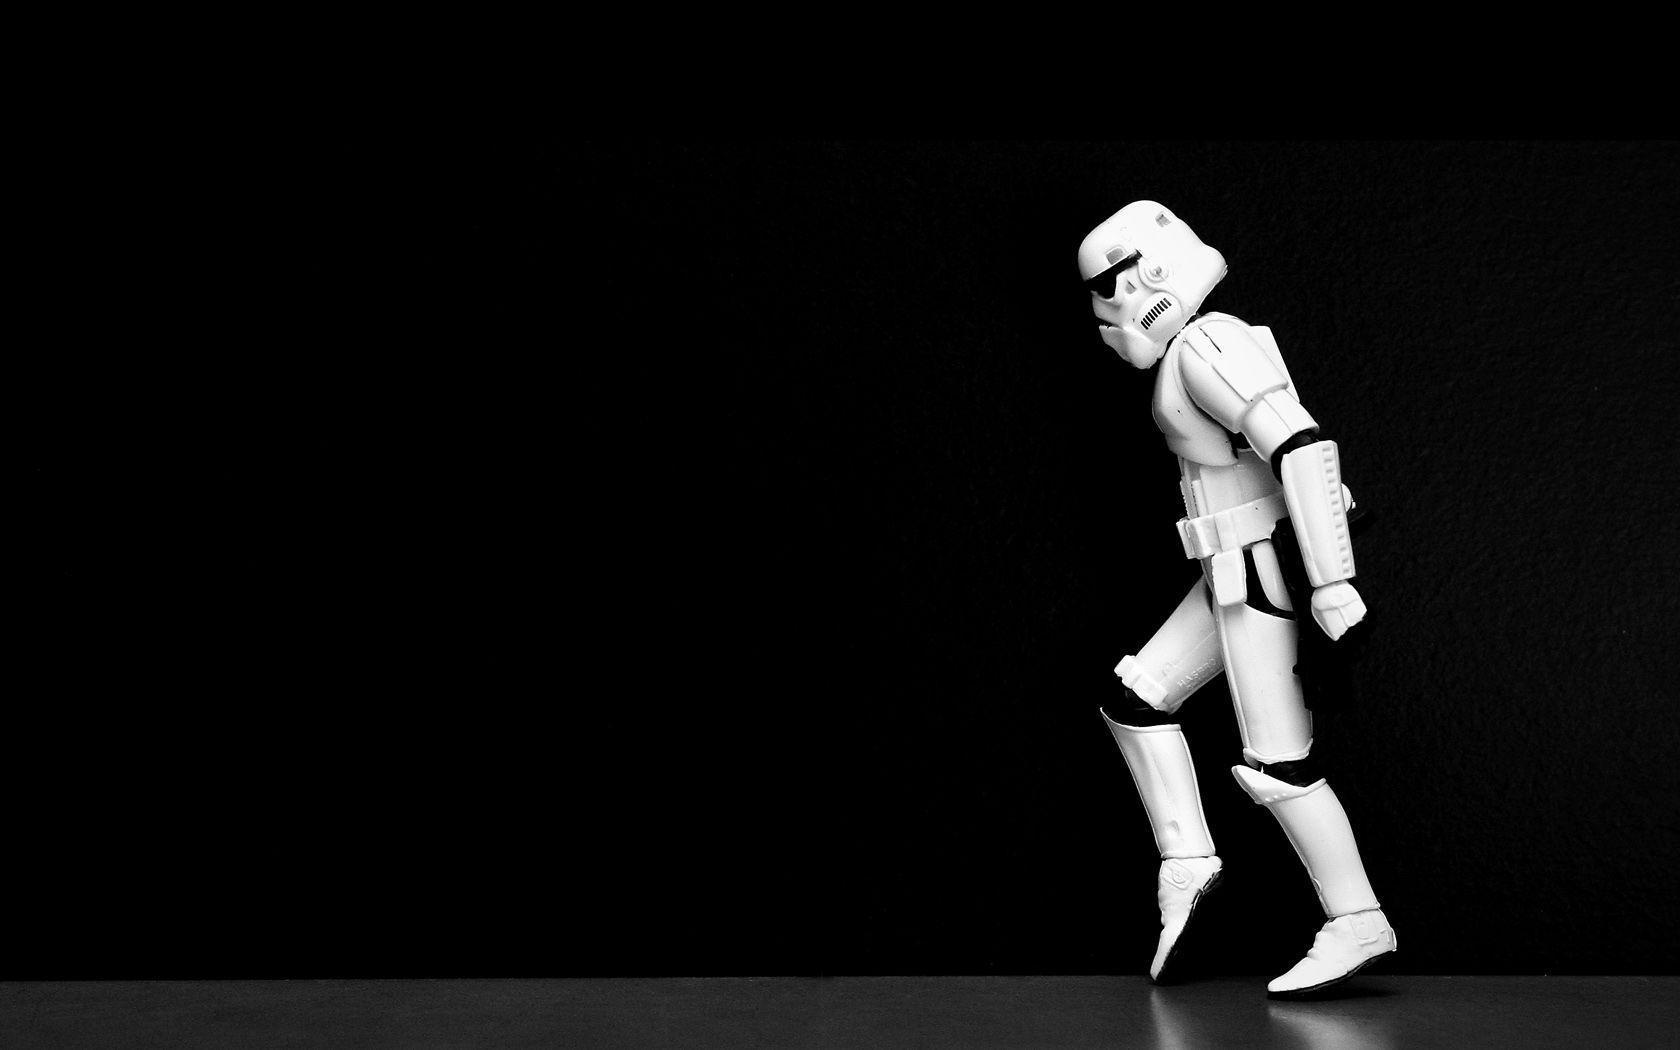 Stormtrooper Moonwalk Wallpaper | Stormtroopers | Pinterest ...